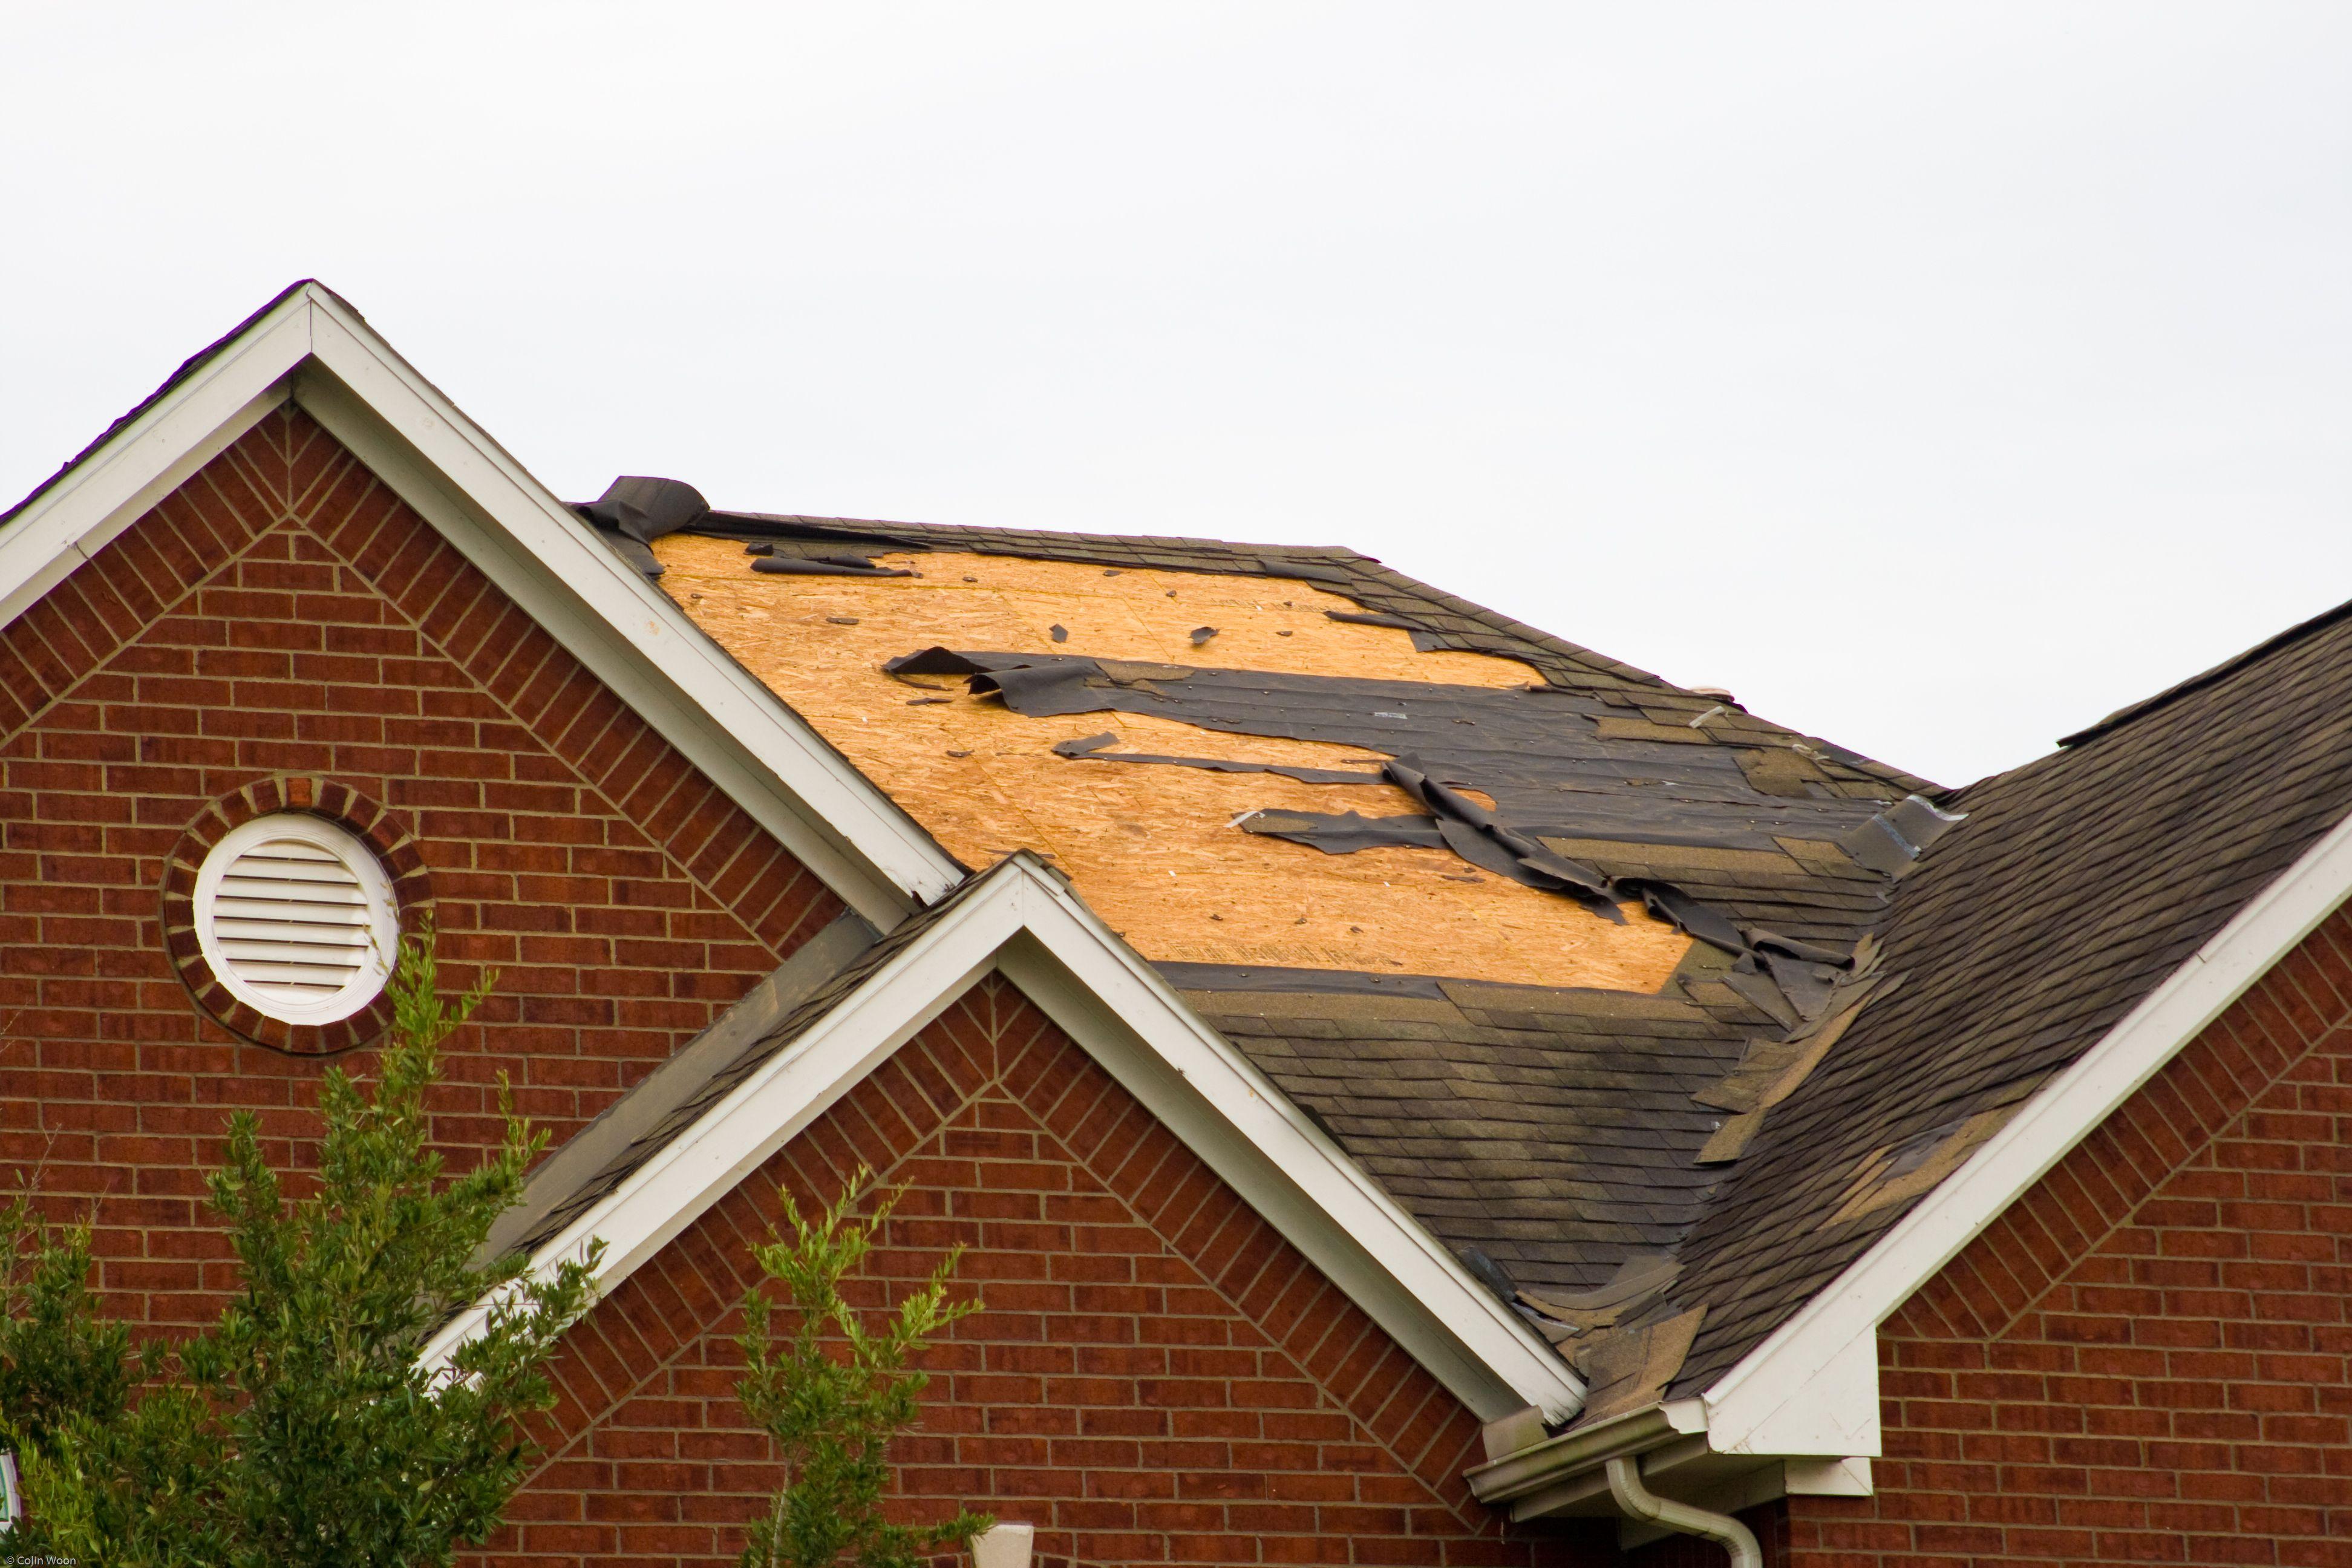 Storm Damage Roof Repair Novi Mi Roof Repair Emergency Roof Repair Roofing